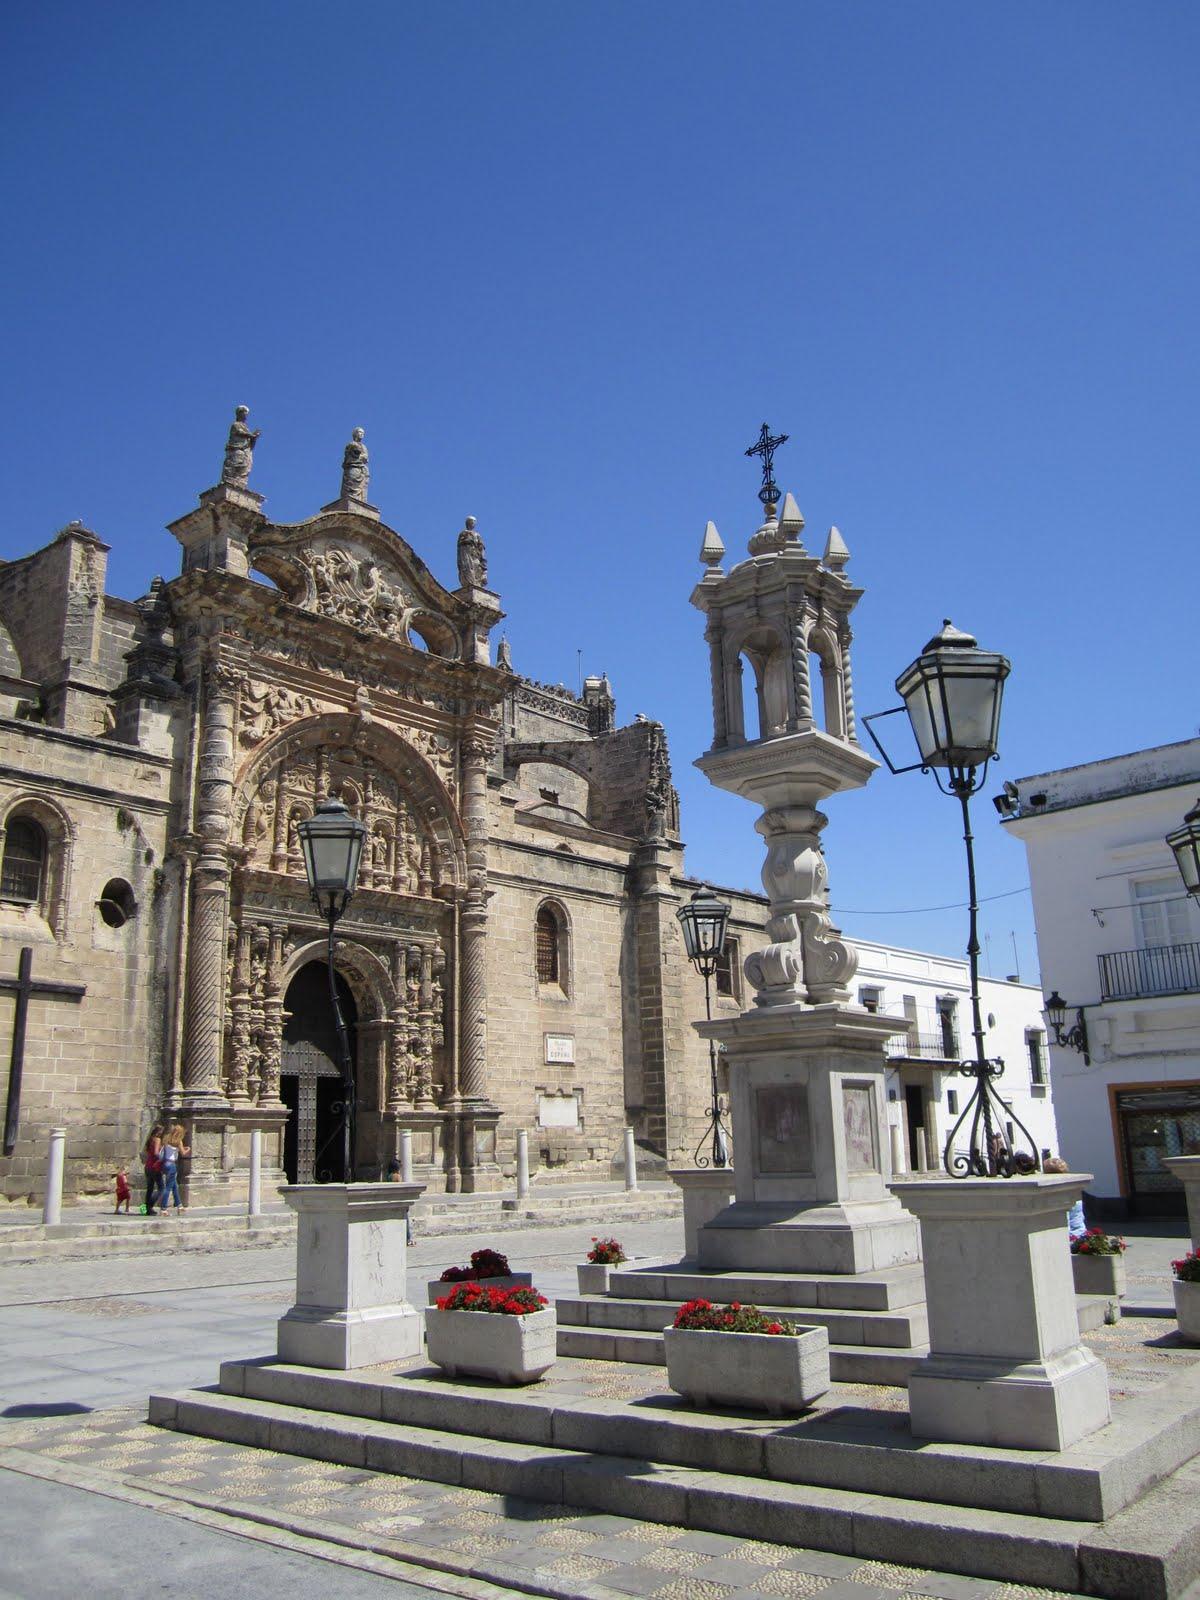 El puerto de santa mar a y puerto real c diz andaluc a - El puerto santa maria ...